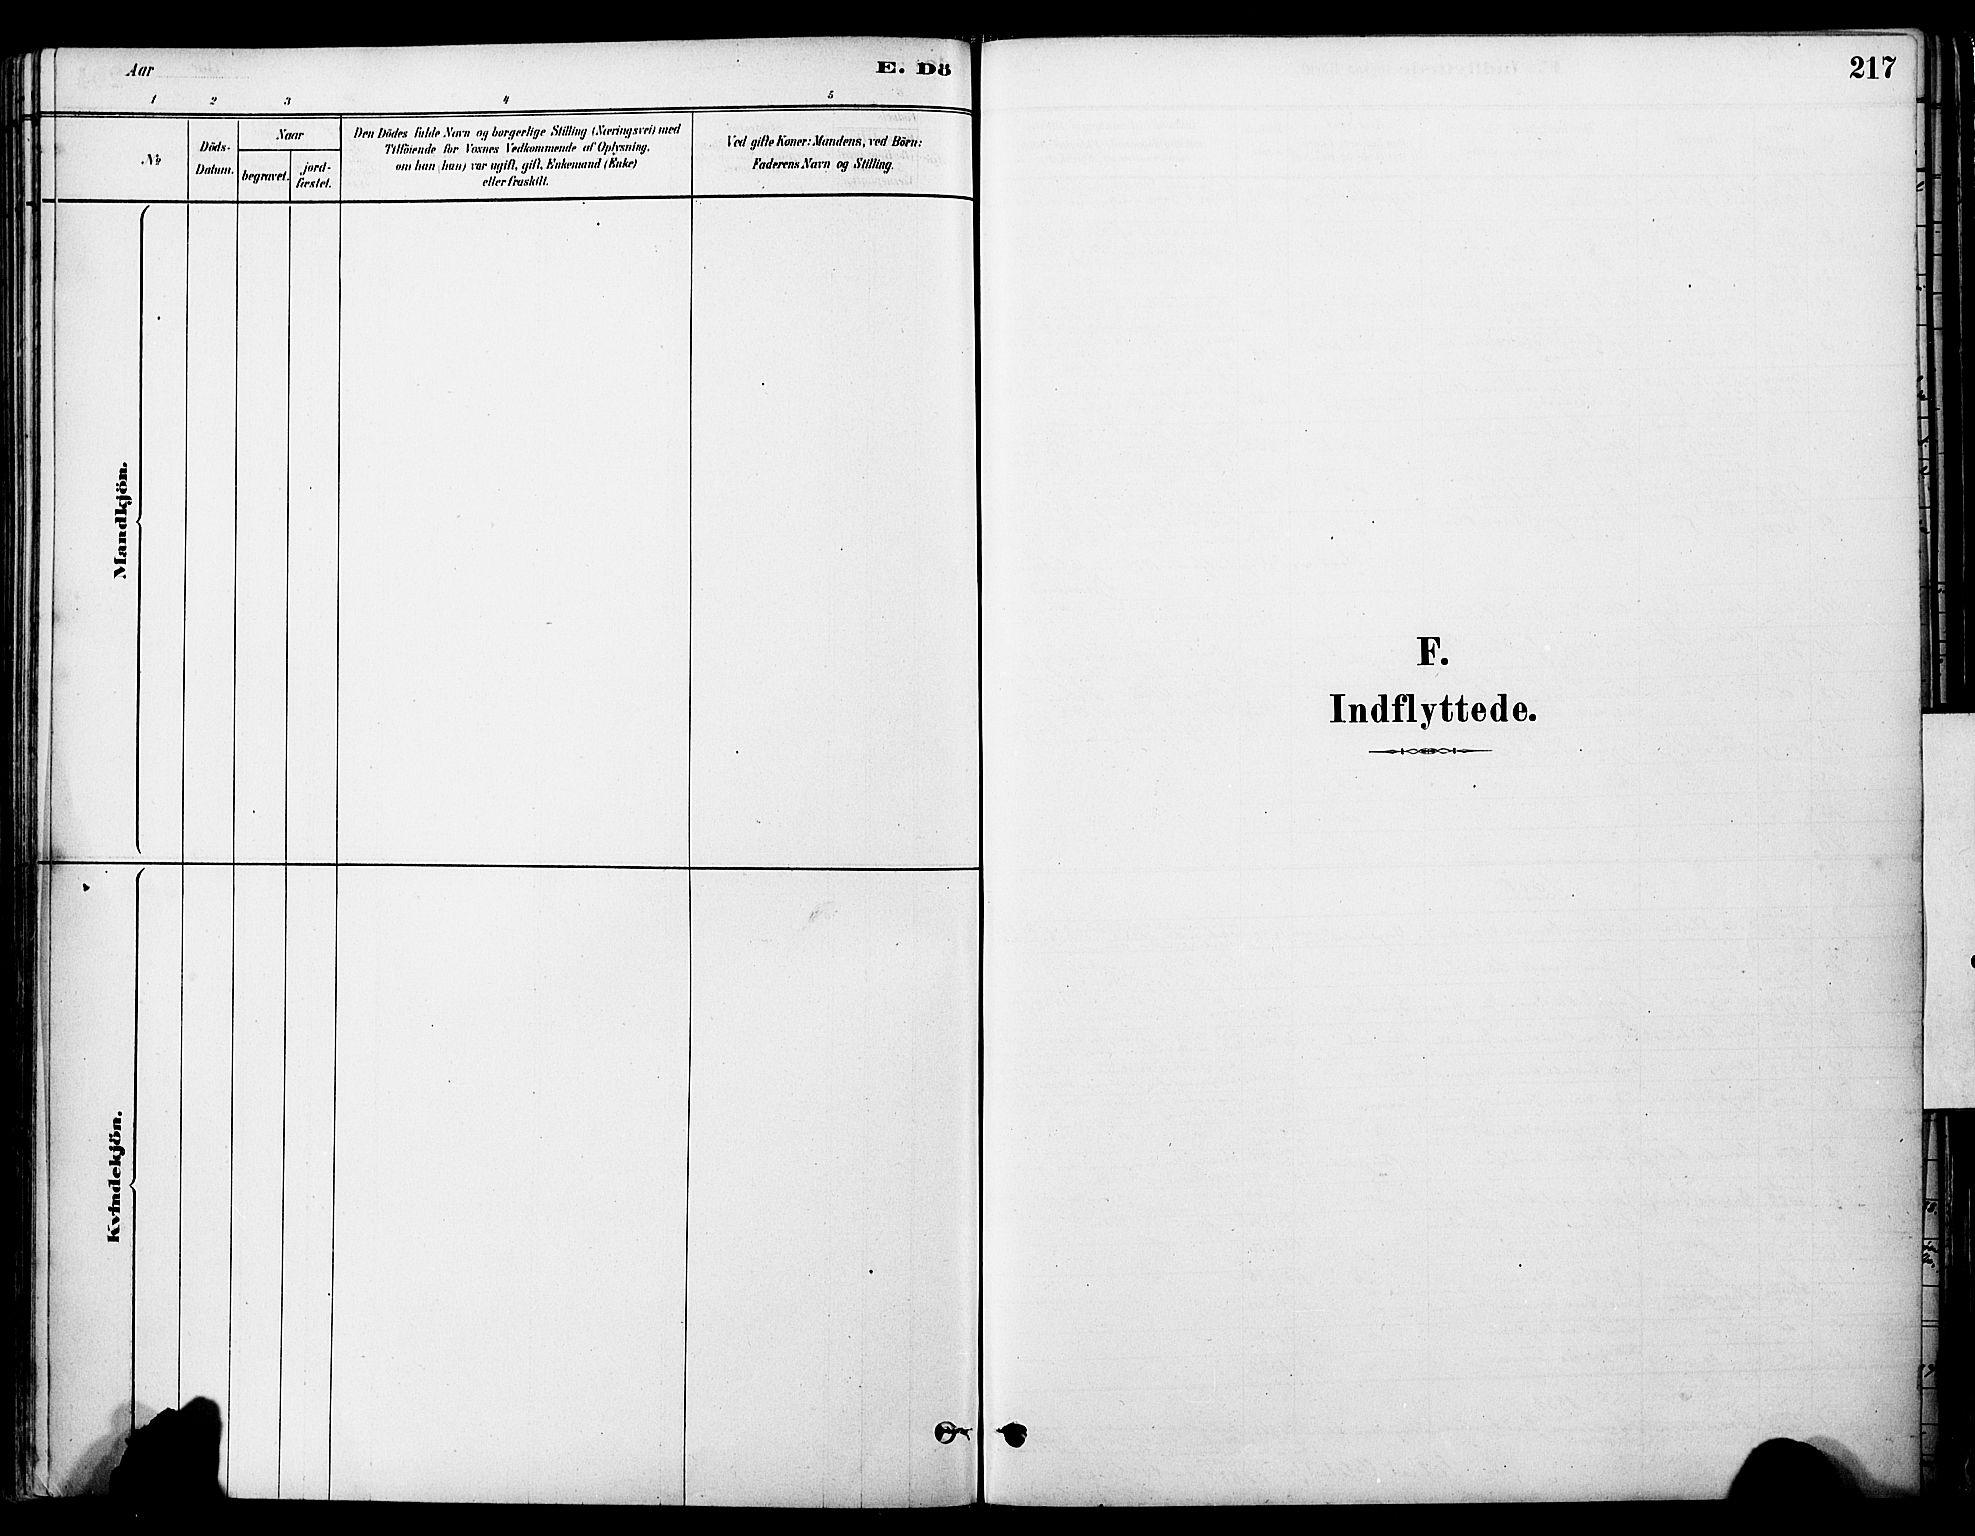 SAT, Ministerialprotokoller, klokkerbøker og fødselsregistre - Sør-Trøndelag, 681/L0933: Ministerialbok nr. 681A11, 1879-1890, s. 217